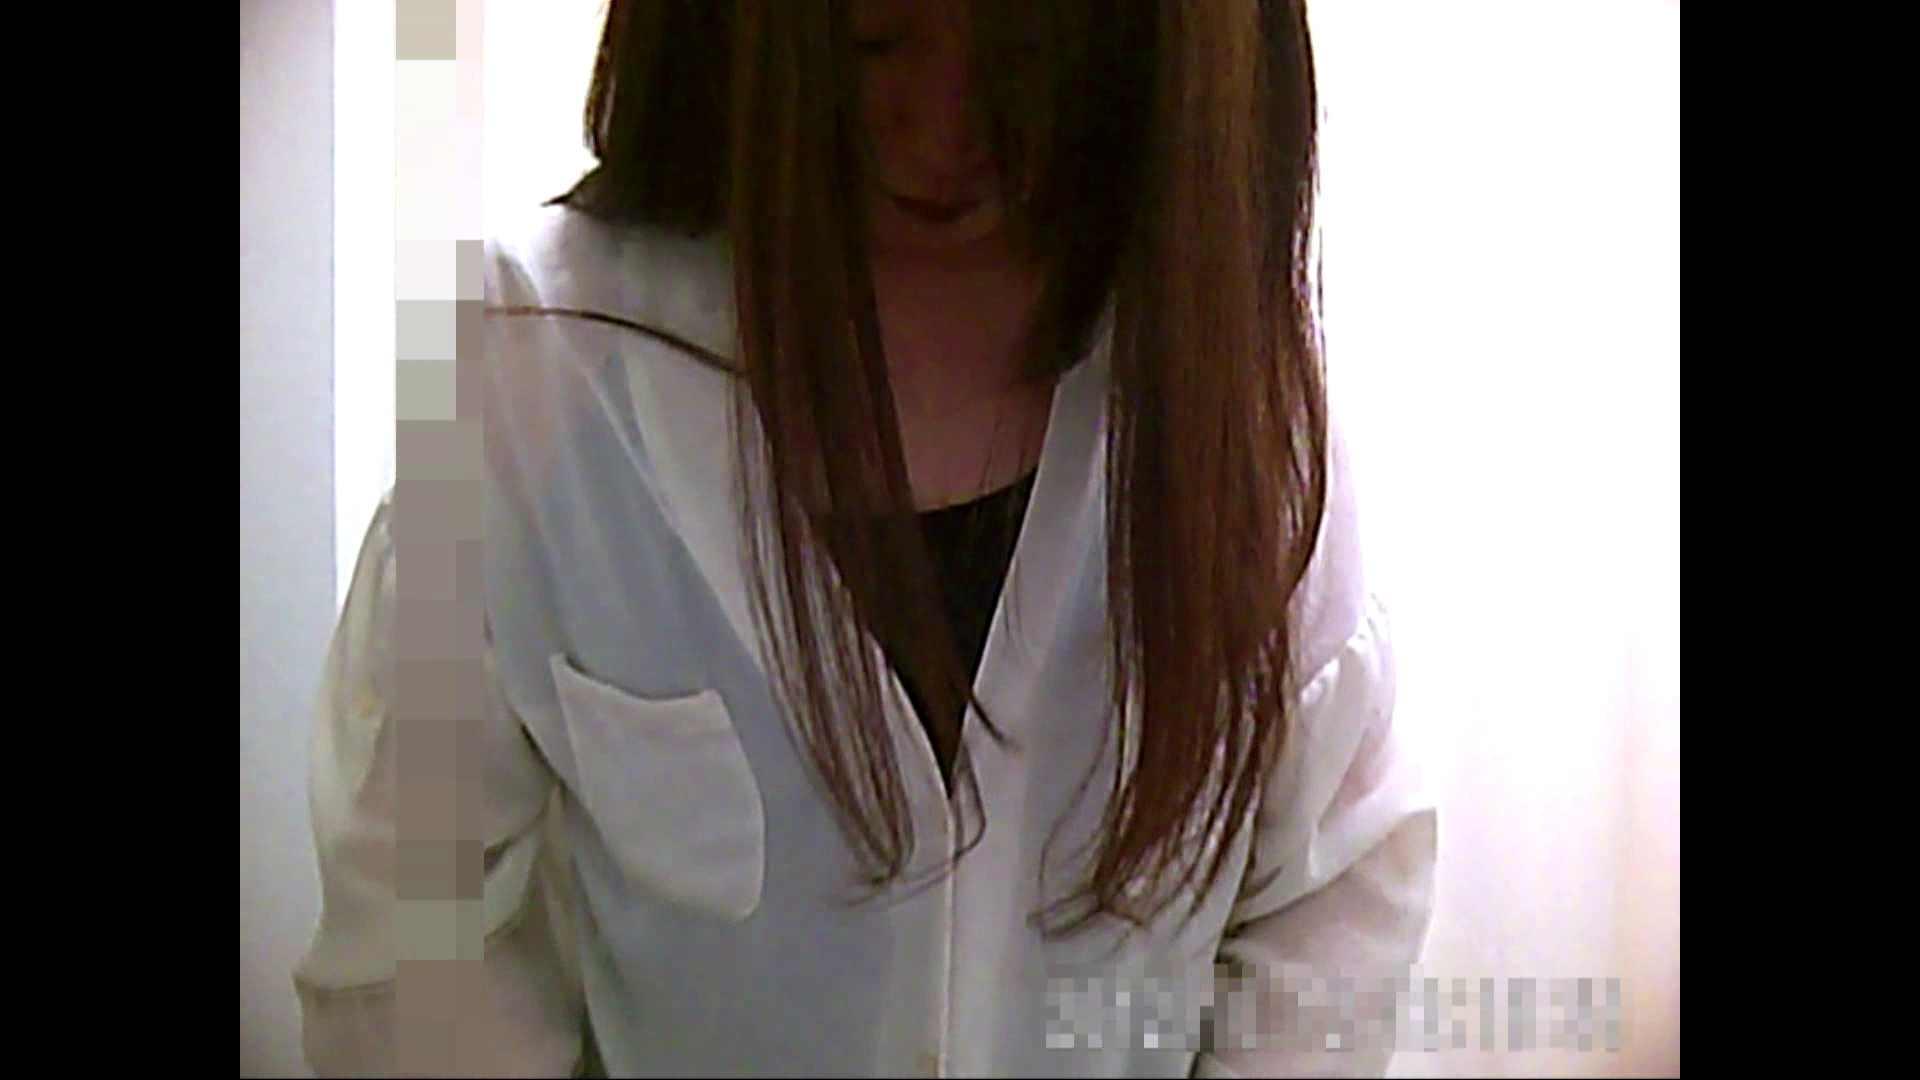 元医者による反抗 更衣室地獄絵巻 vol.061 OLハメ撮り  91Pix 32